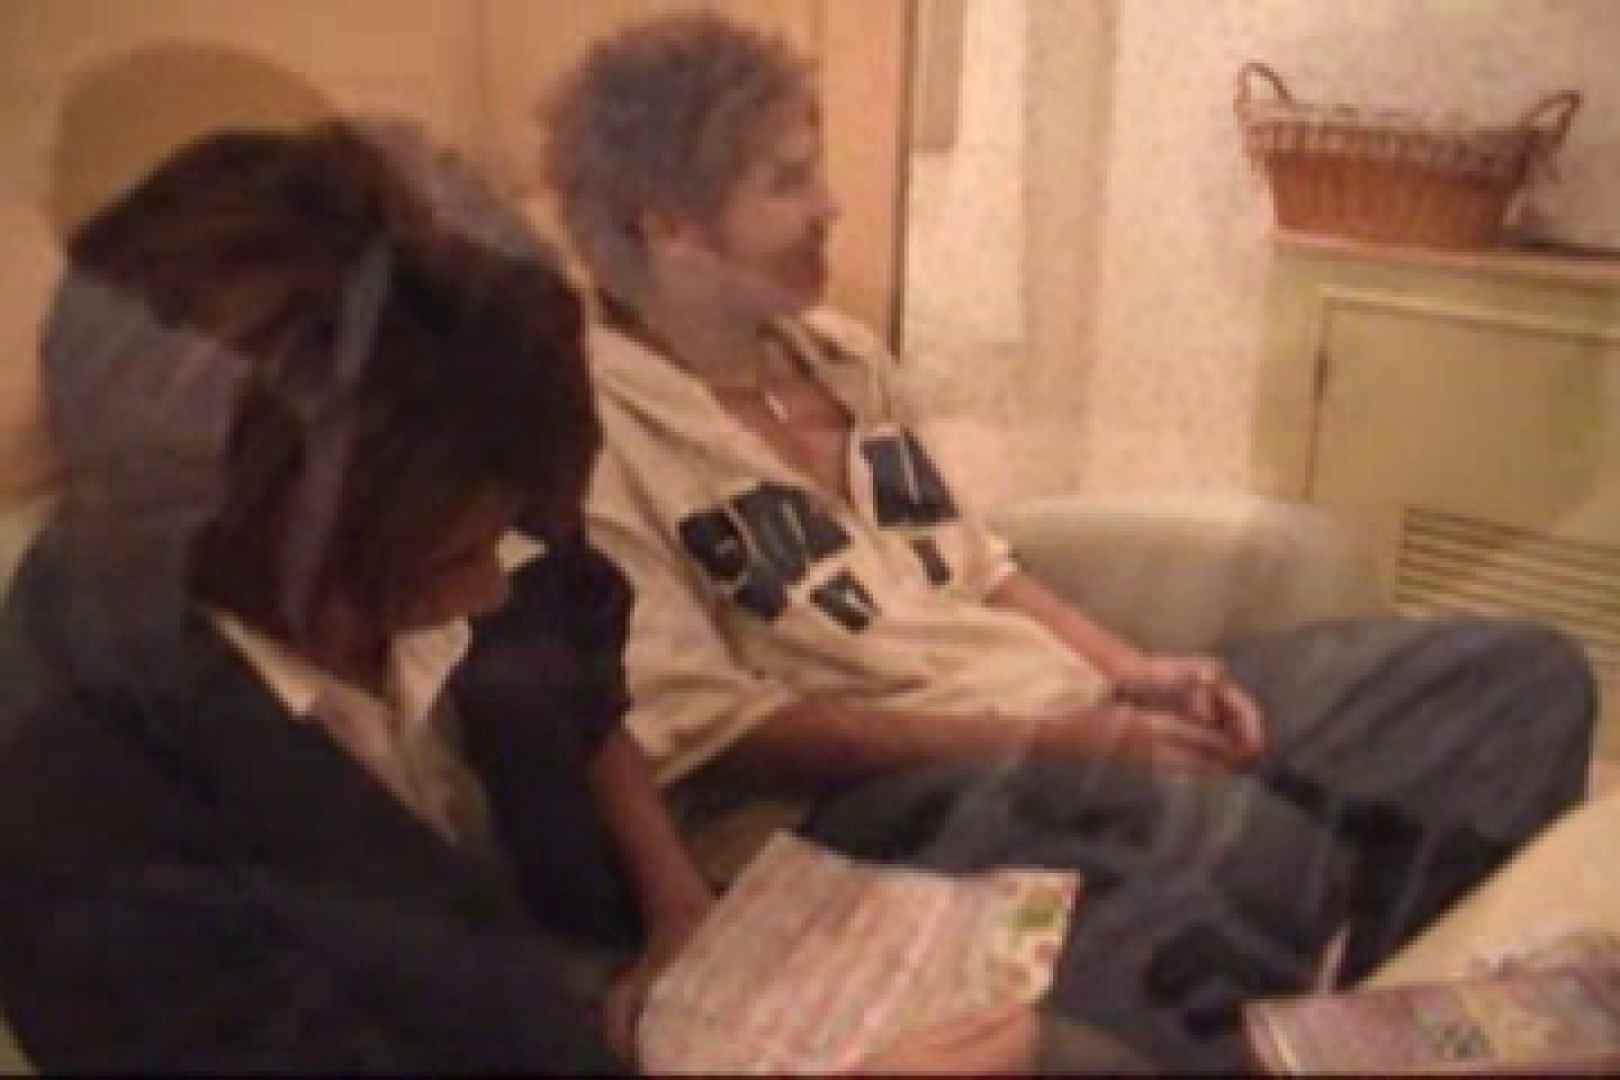 【流出】ジャニ系イケメン!!フライング&アナルが痛くて出来ません!! アナル特集 ゲイフリーエロ画像 83枚 69